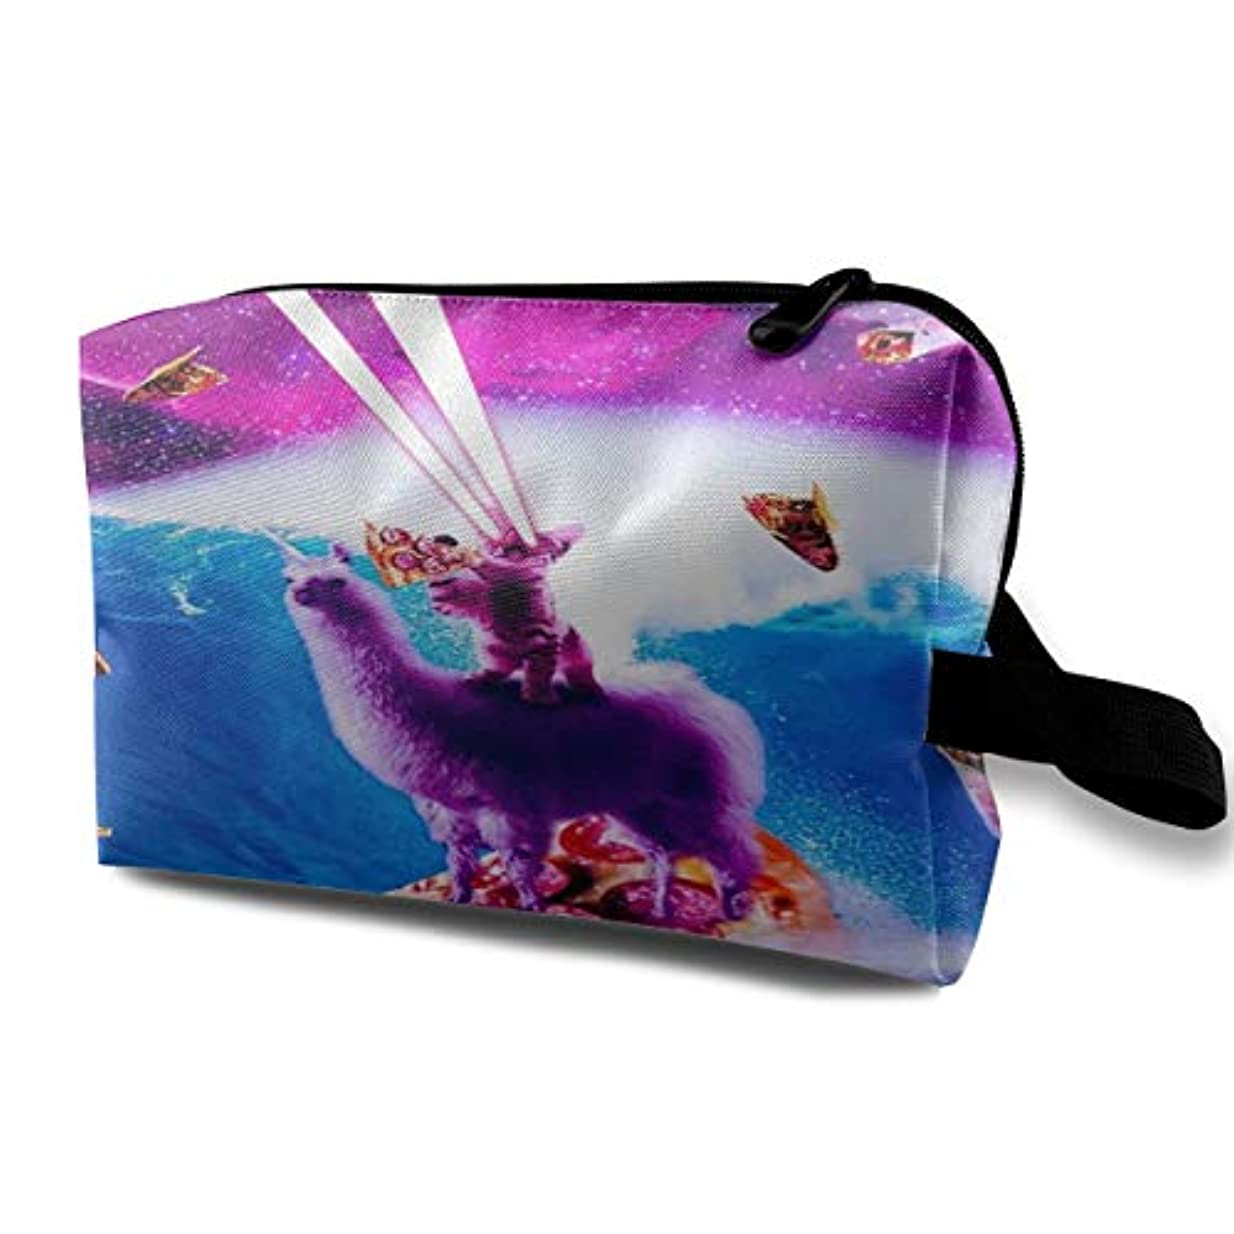 無視ブリッジプレゼンターLaser Eyes Space Cat Riding On Surfing 収納ポーチ 化粧ポーチ 大容量 軽量 耐久性 ハンドル付持ち運び便利。入れ 自宅・出張・旅行・アウトドア撮影などに対応。メンズ レディース トラベルグッズ